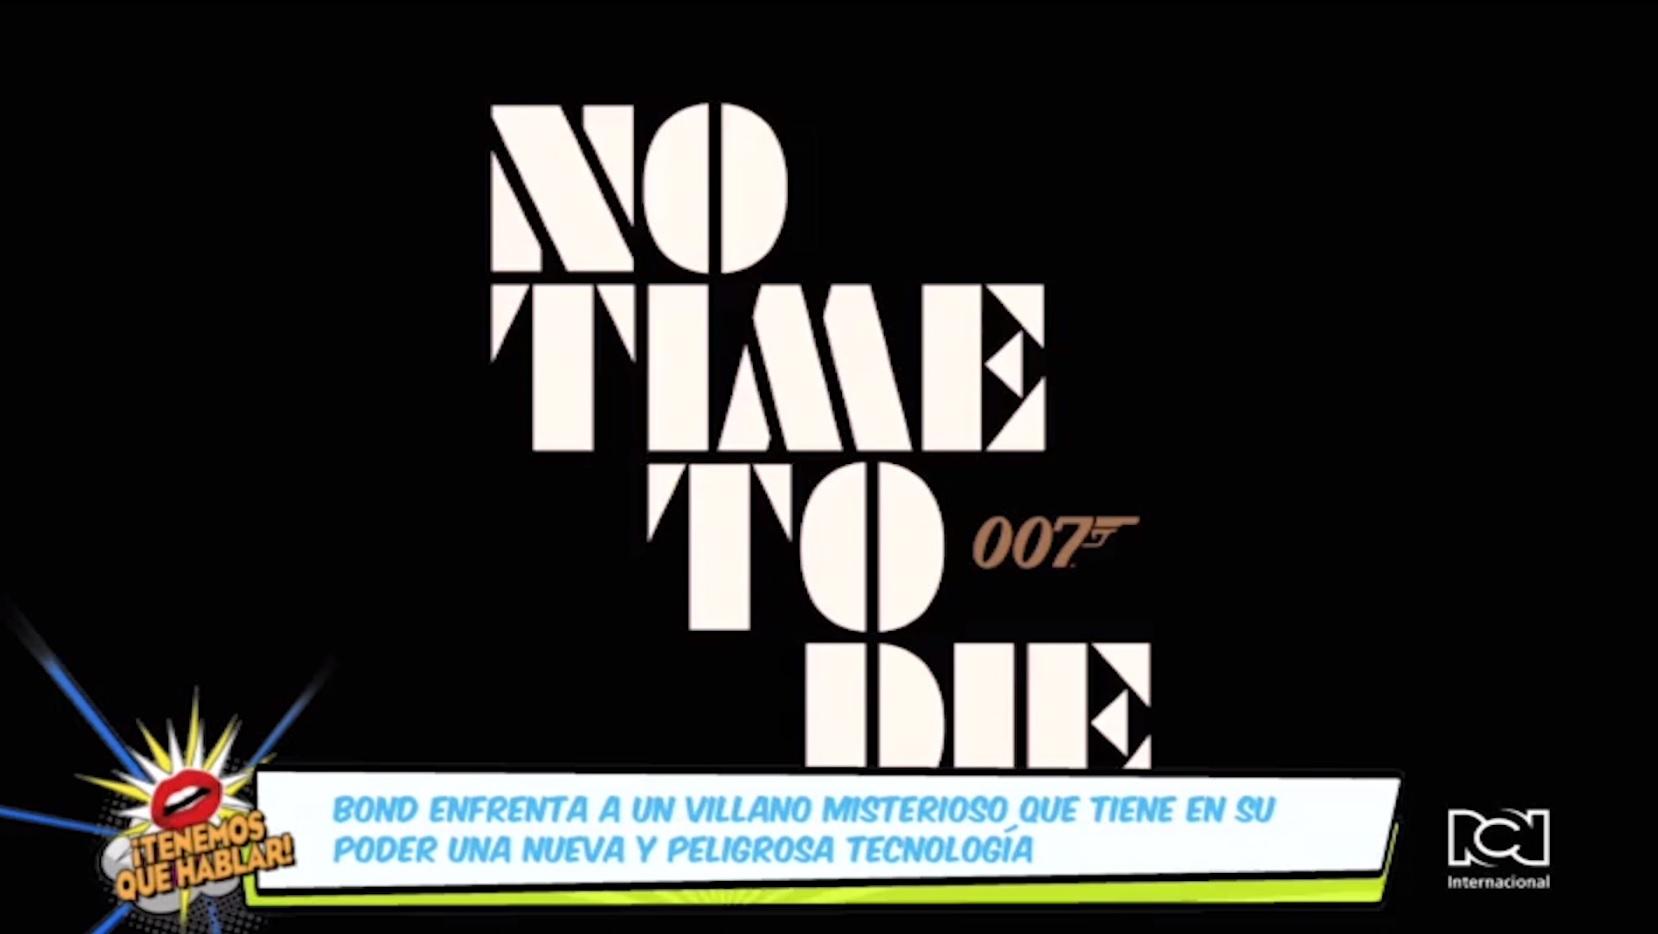 Ya se conoce el título de la nueva entrega de James Bond